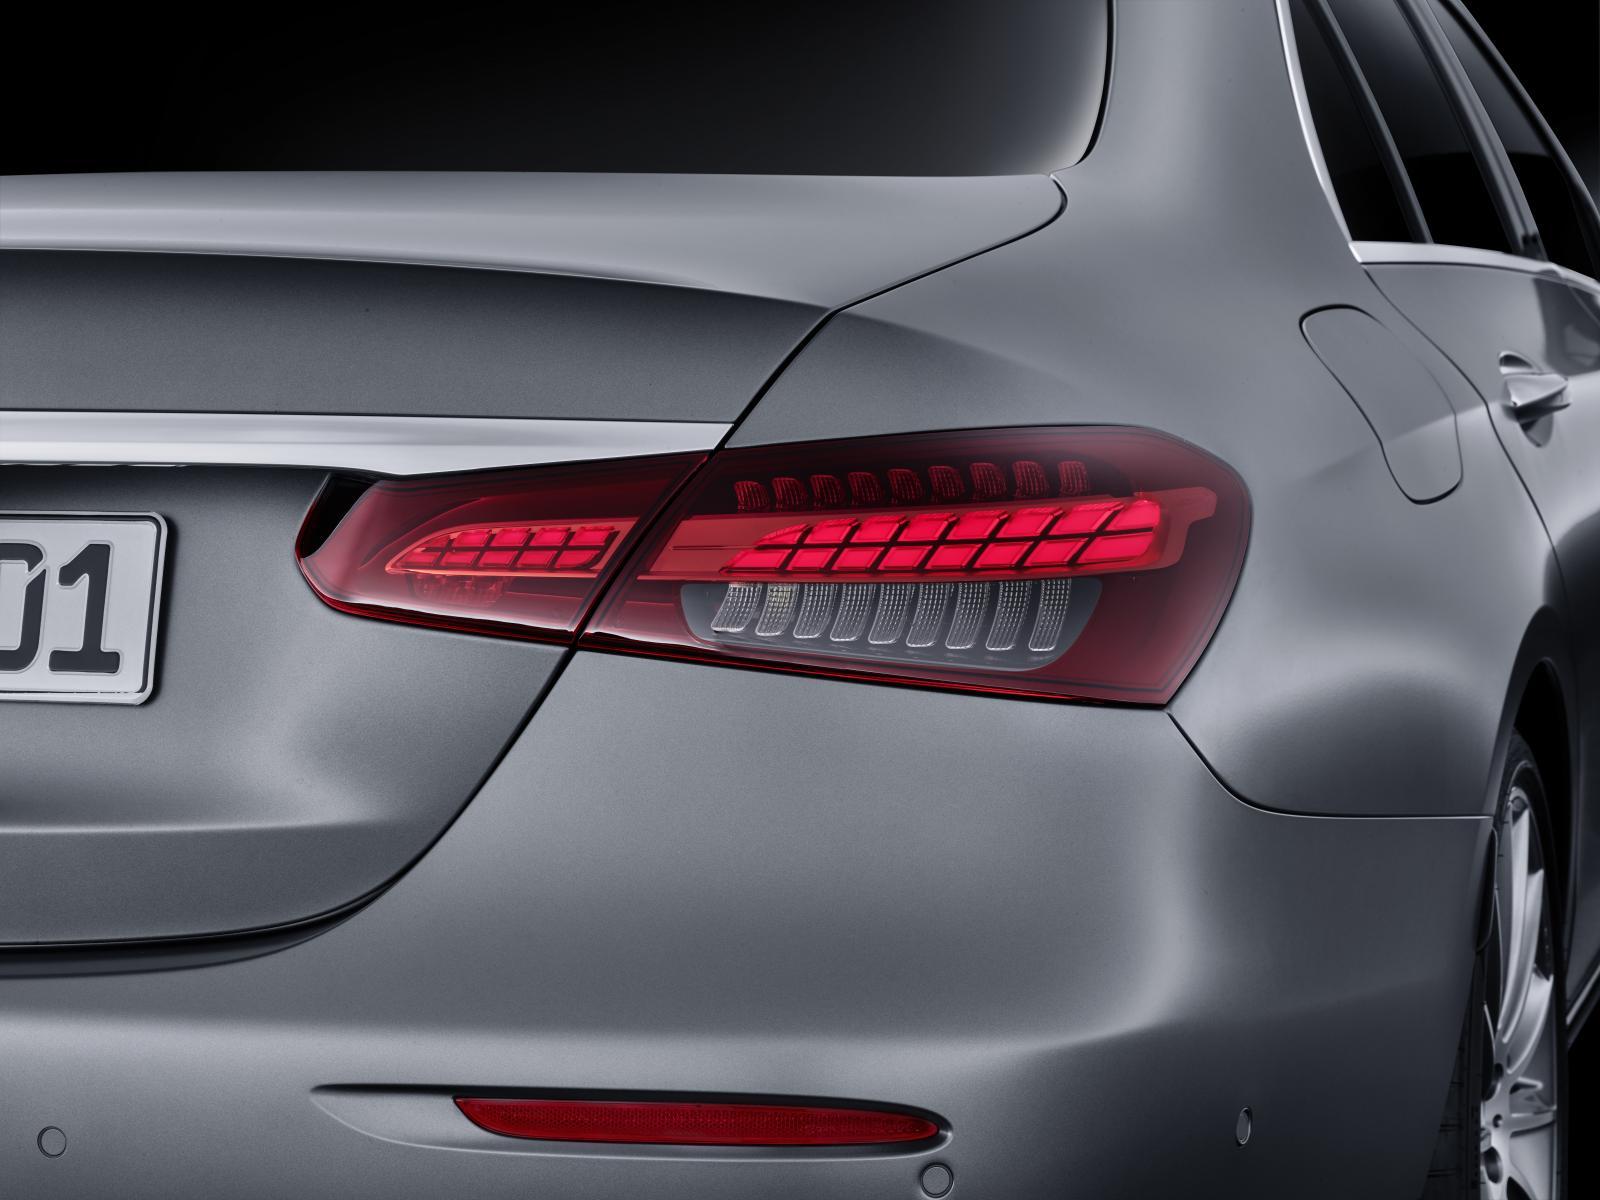 Officiell: Mercedes E-klass uppdateras med nya laddhybrider